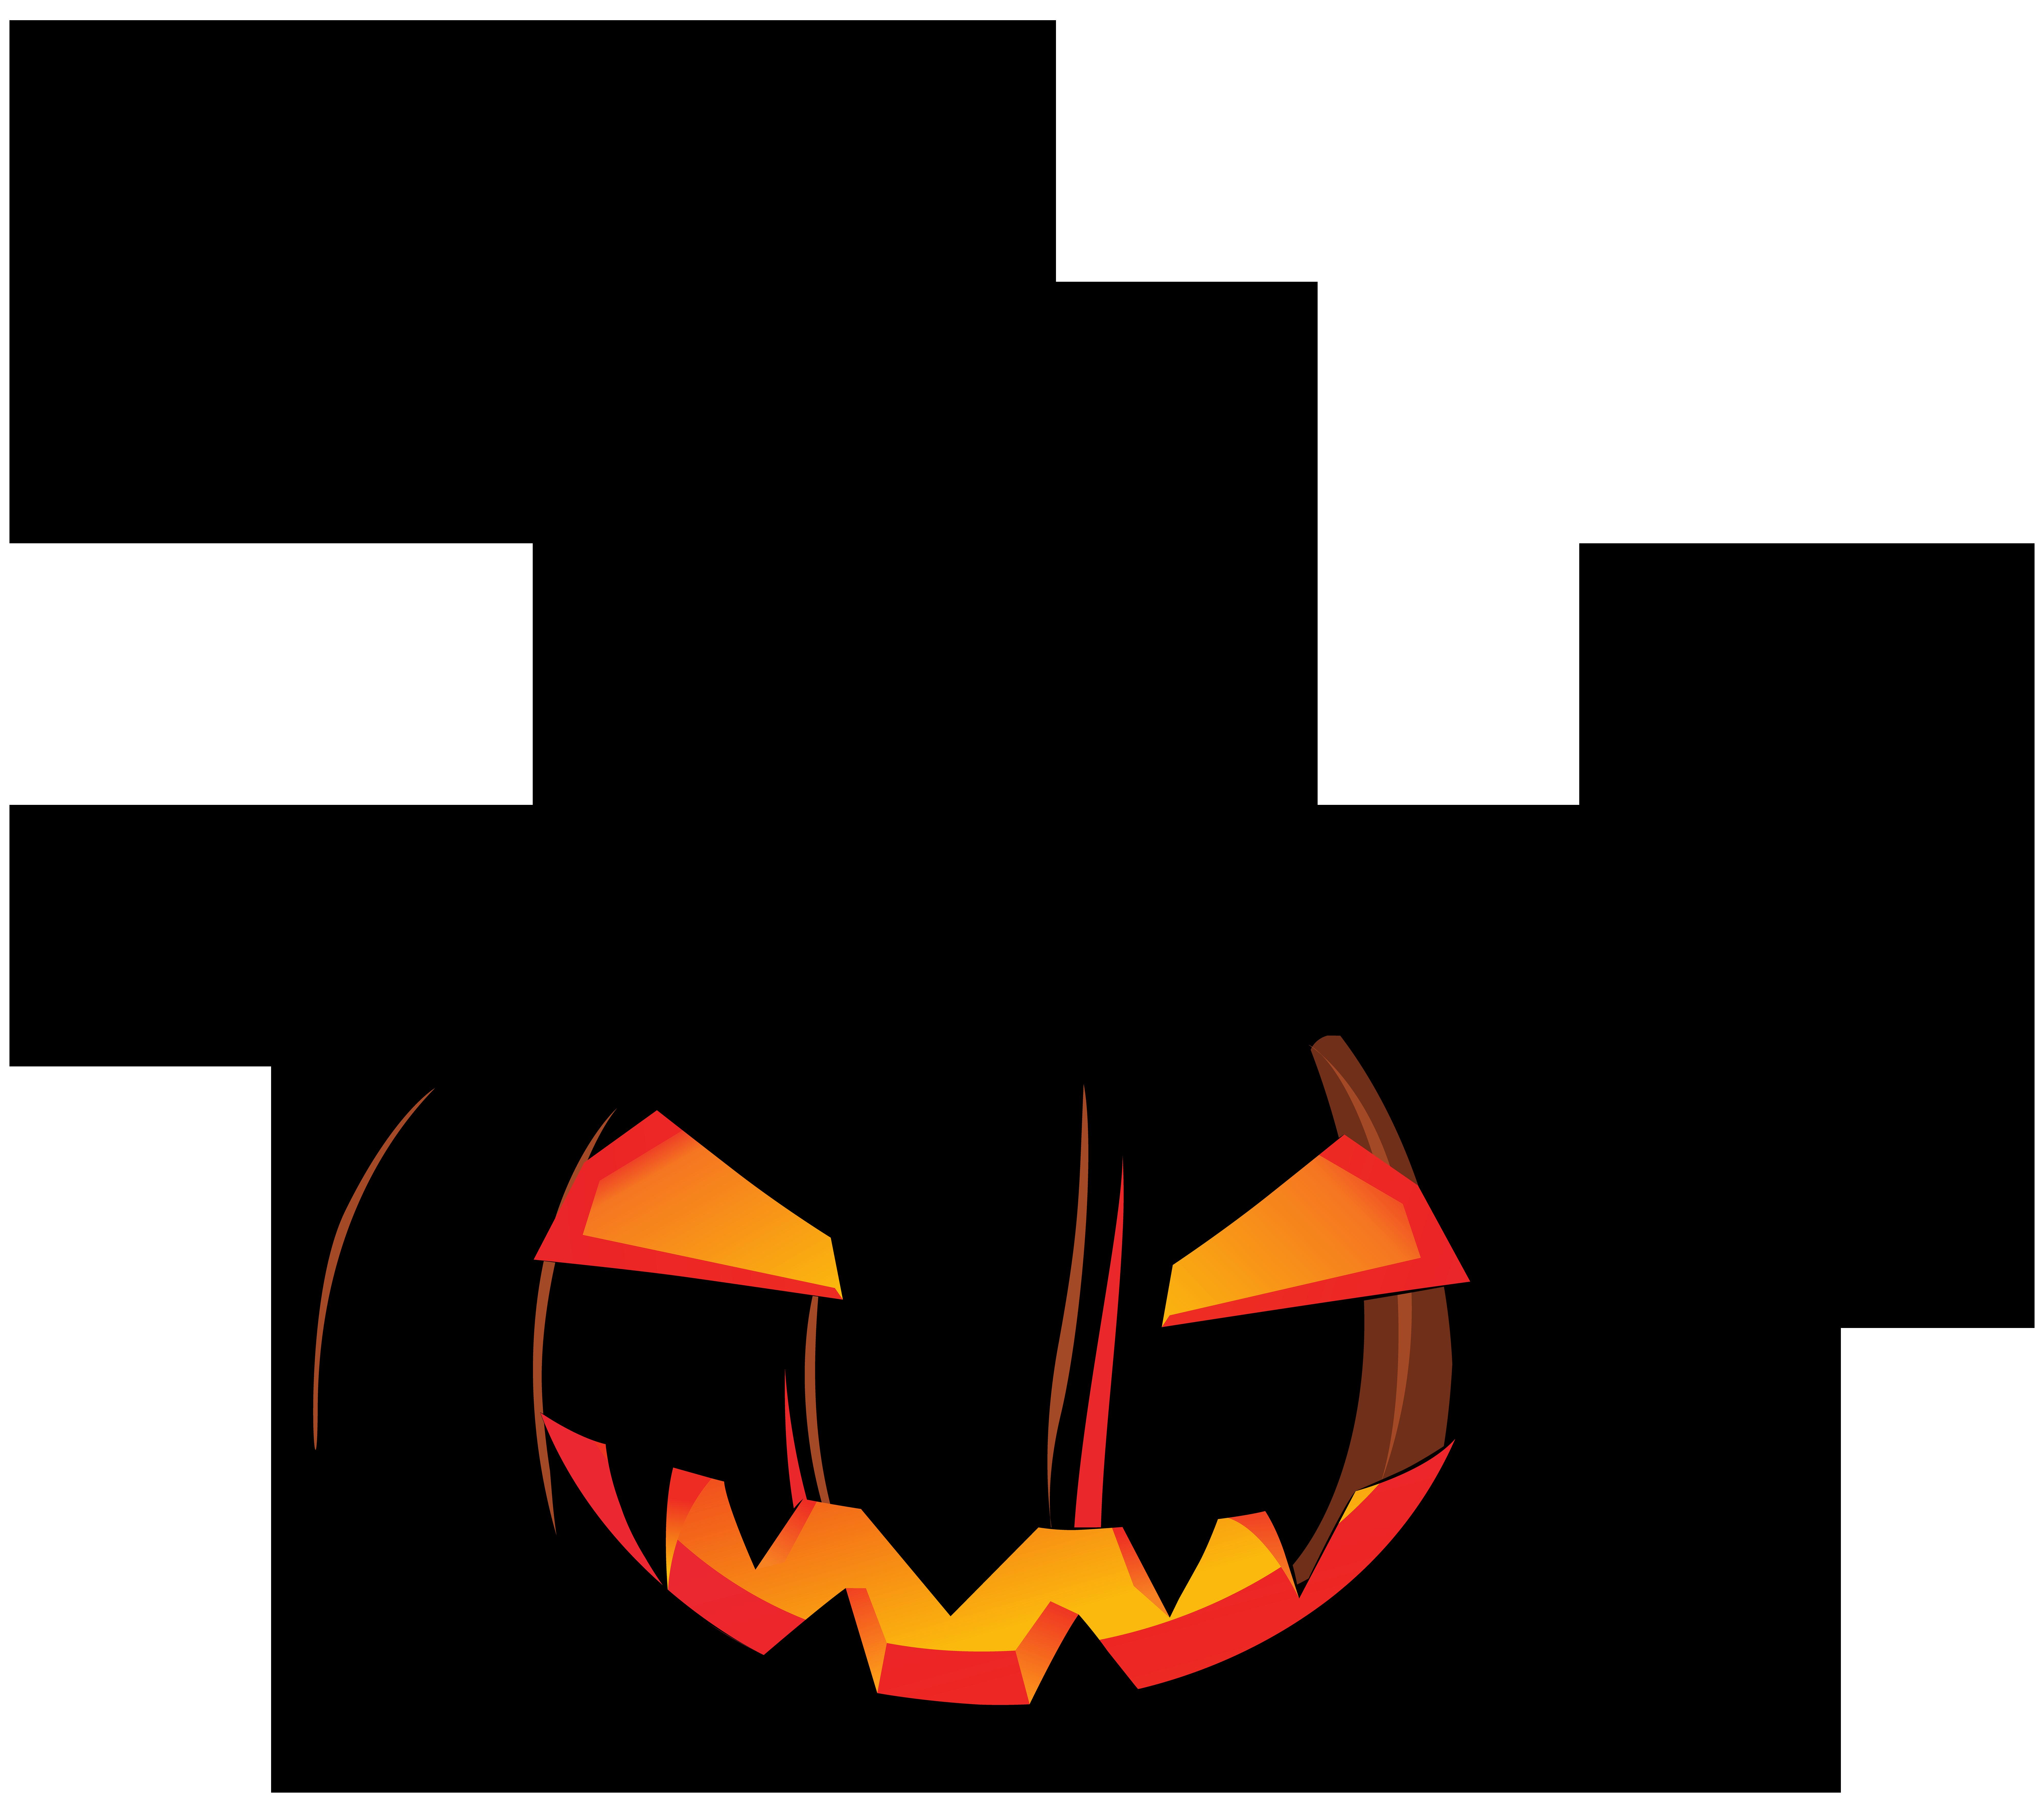 Pumpkin clipart creepy, Pumpkin creepy Transparent FREE for